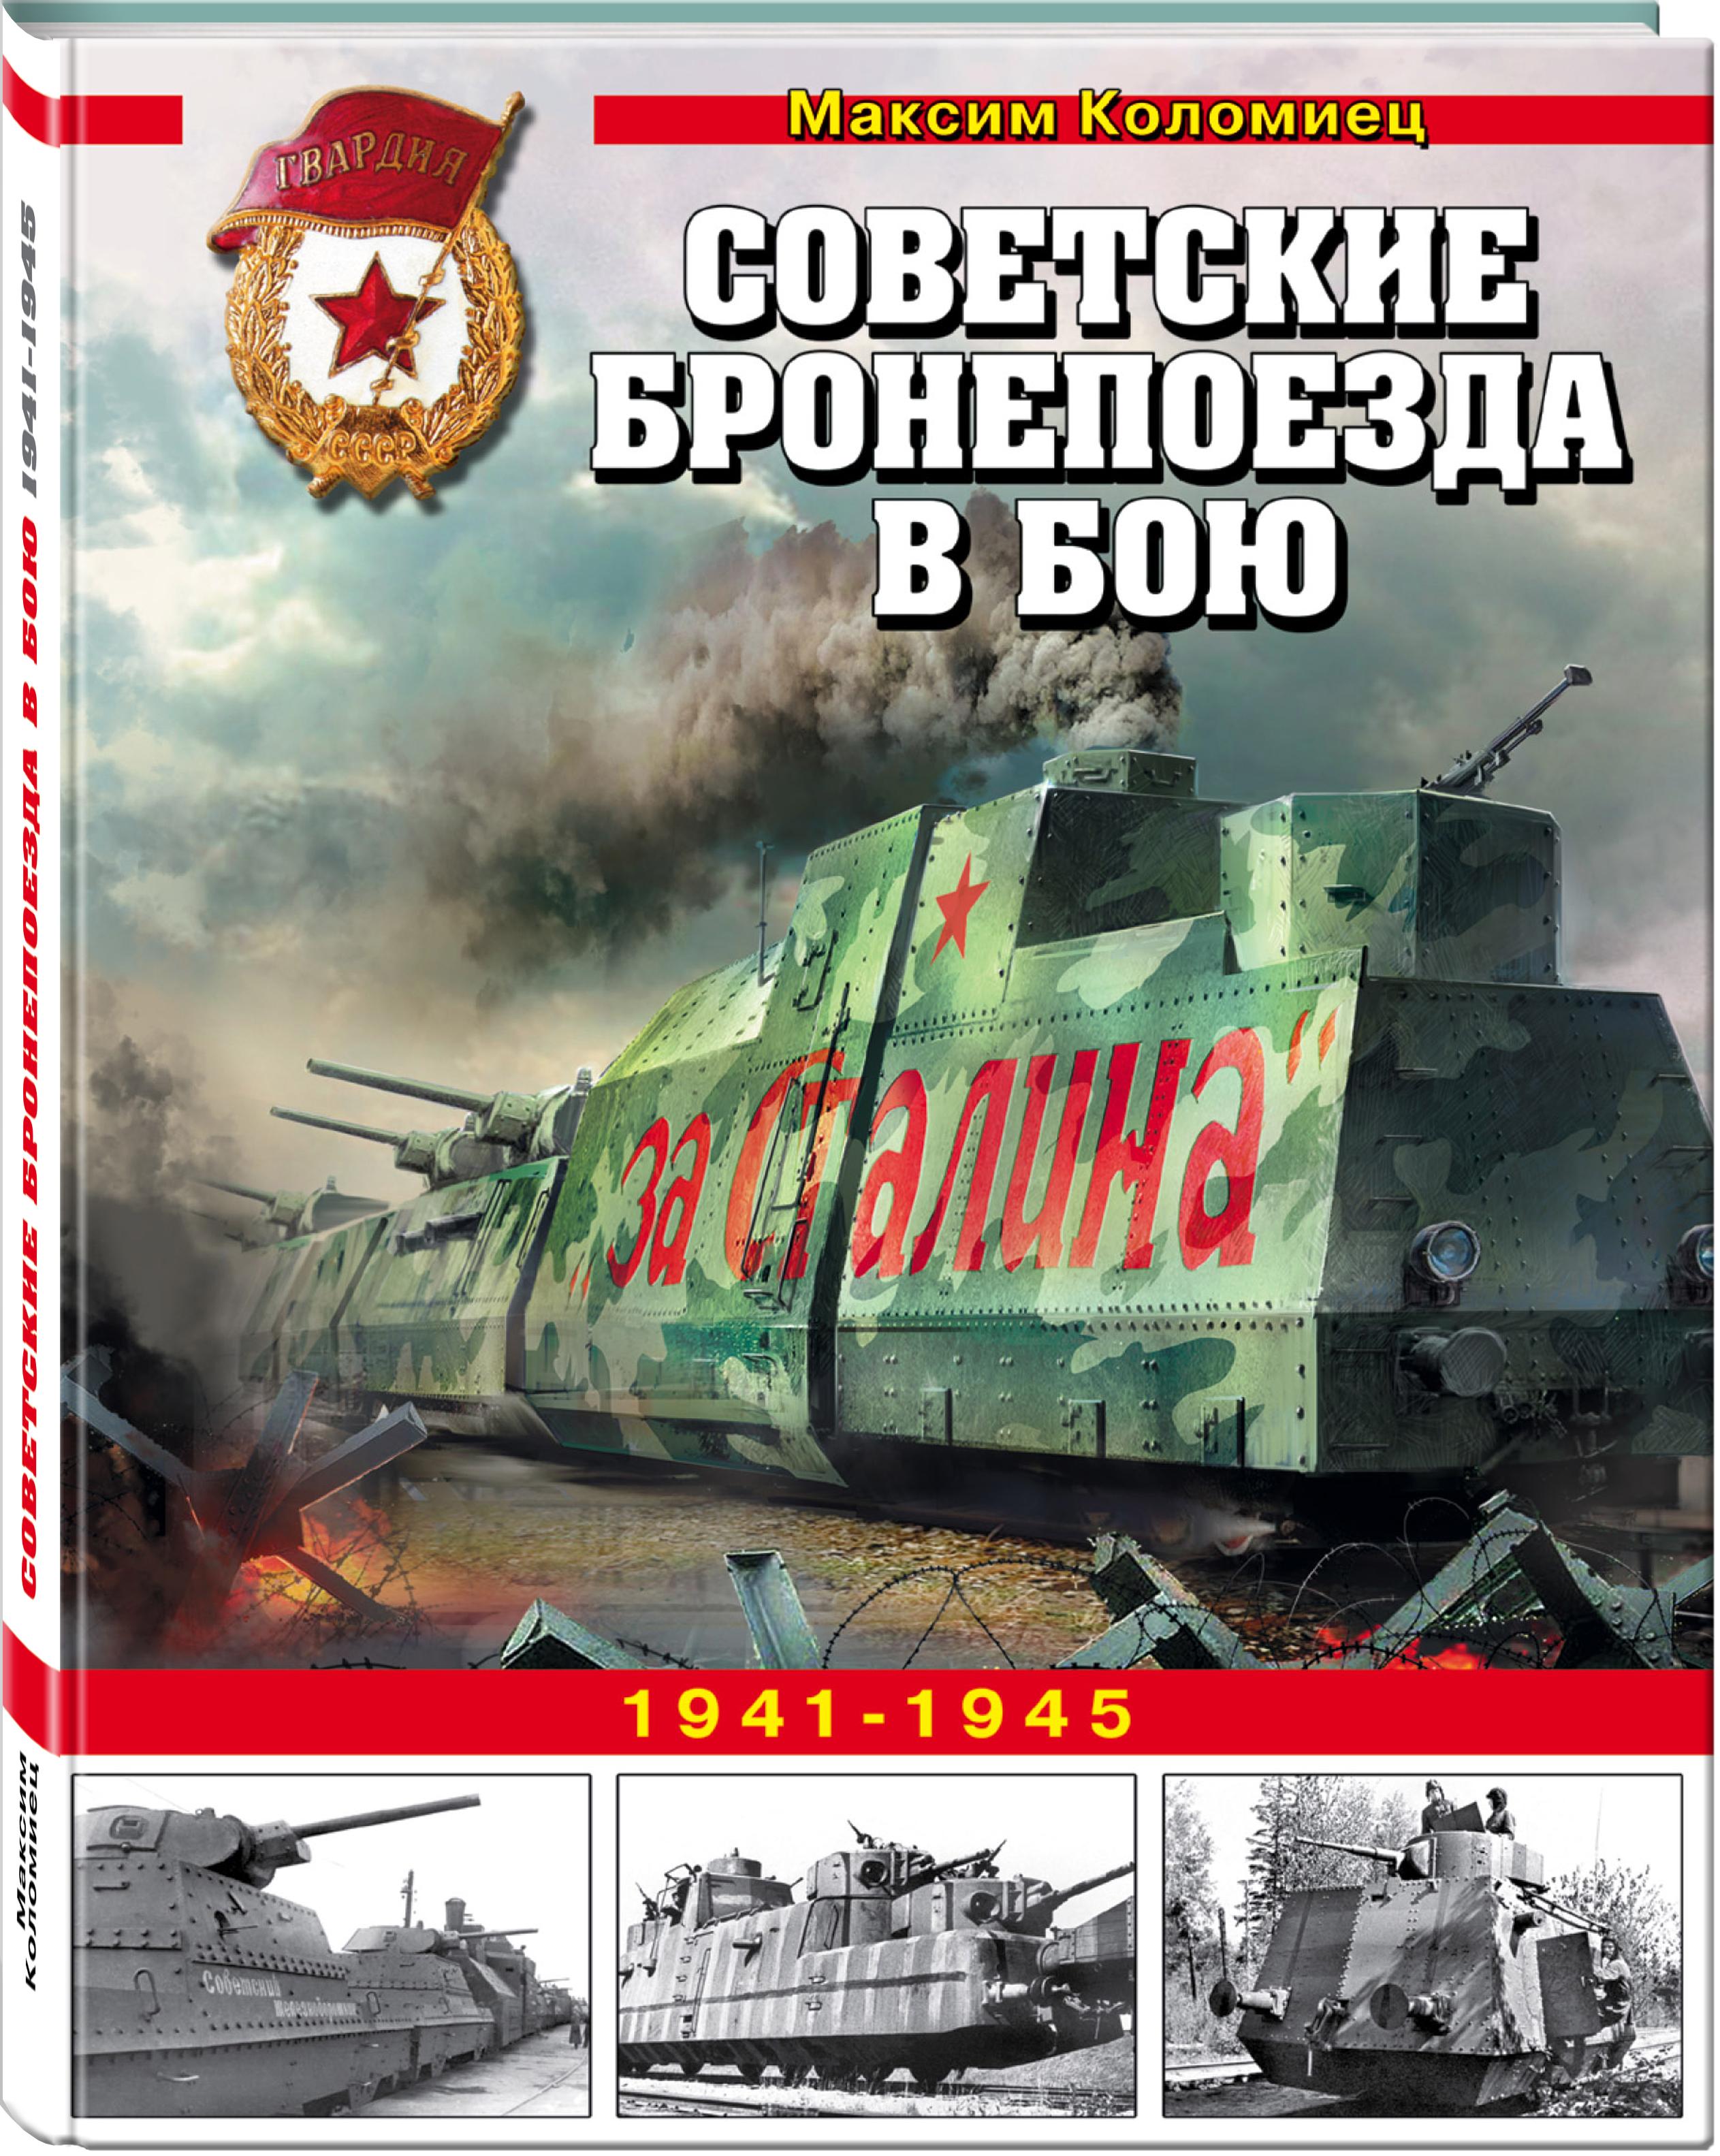 Коломиец М.В. Советские бронепоезда в бою. 1941-1945 валентин рунов удар по украине вермахт против красной армии